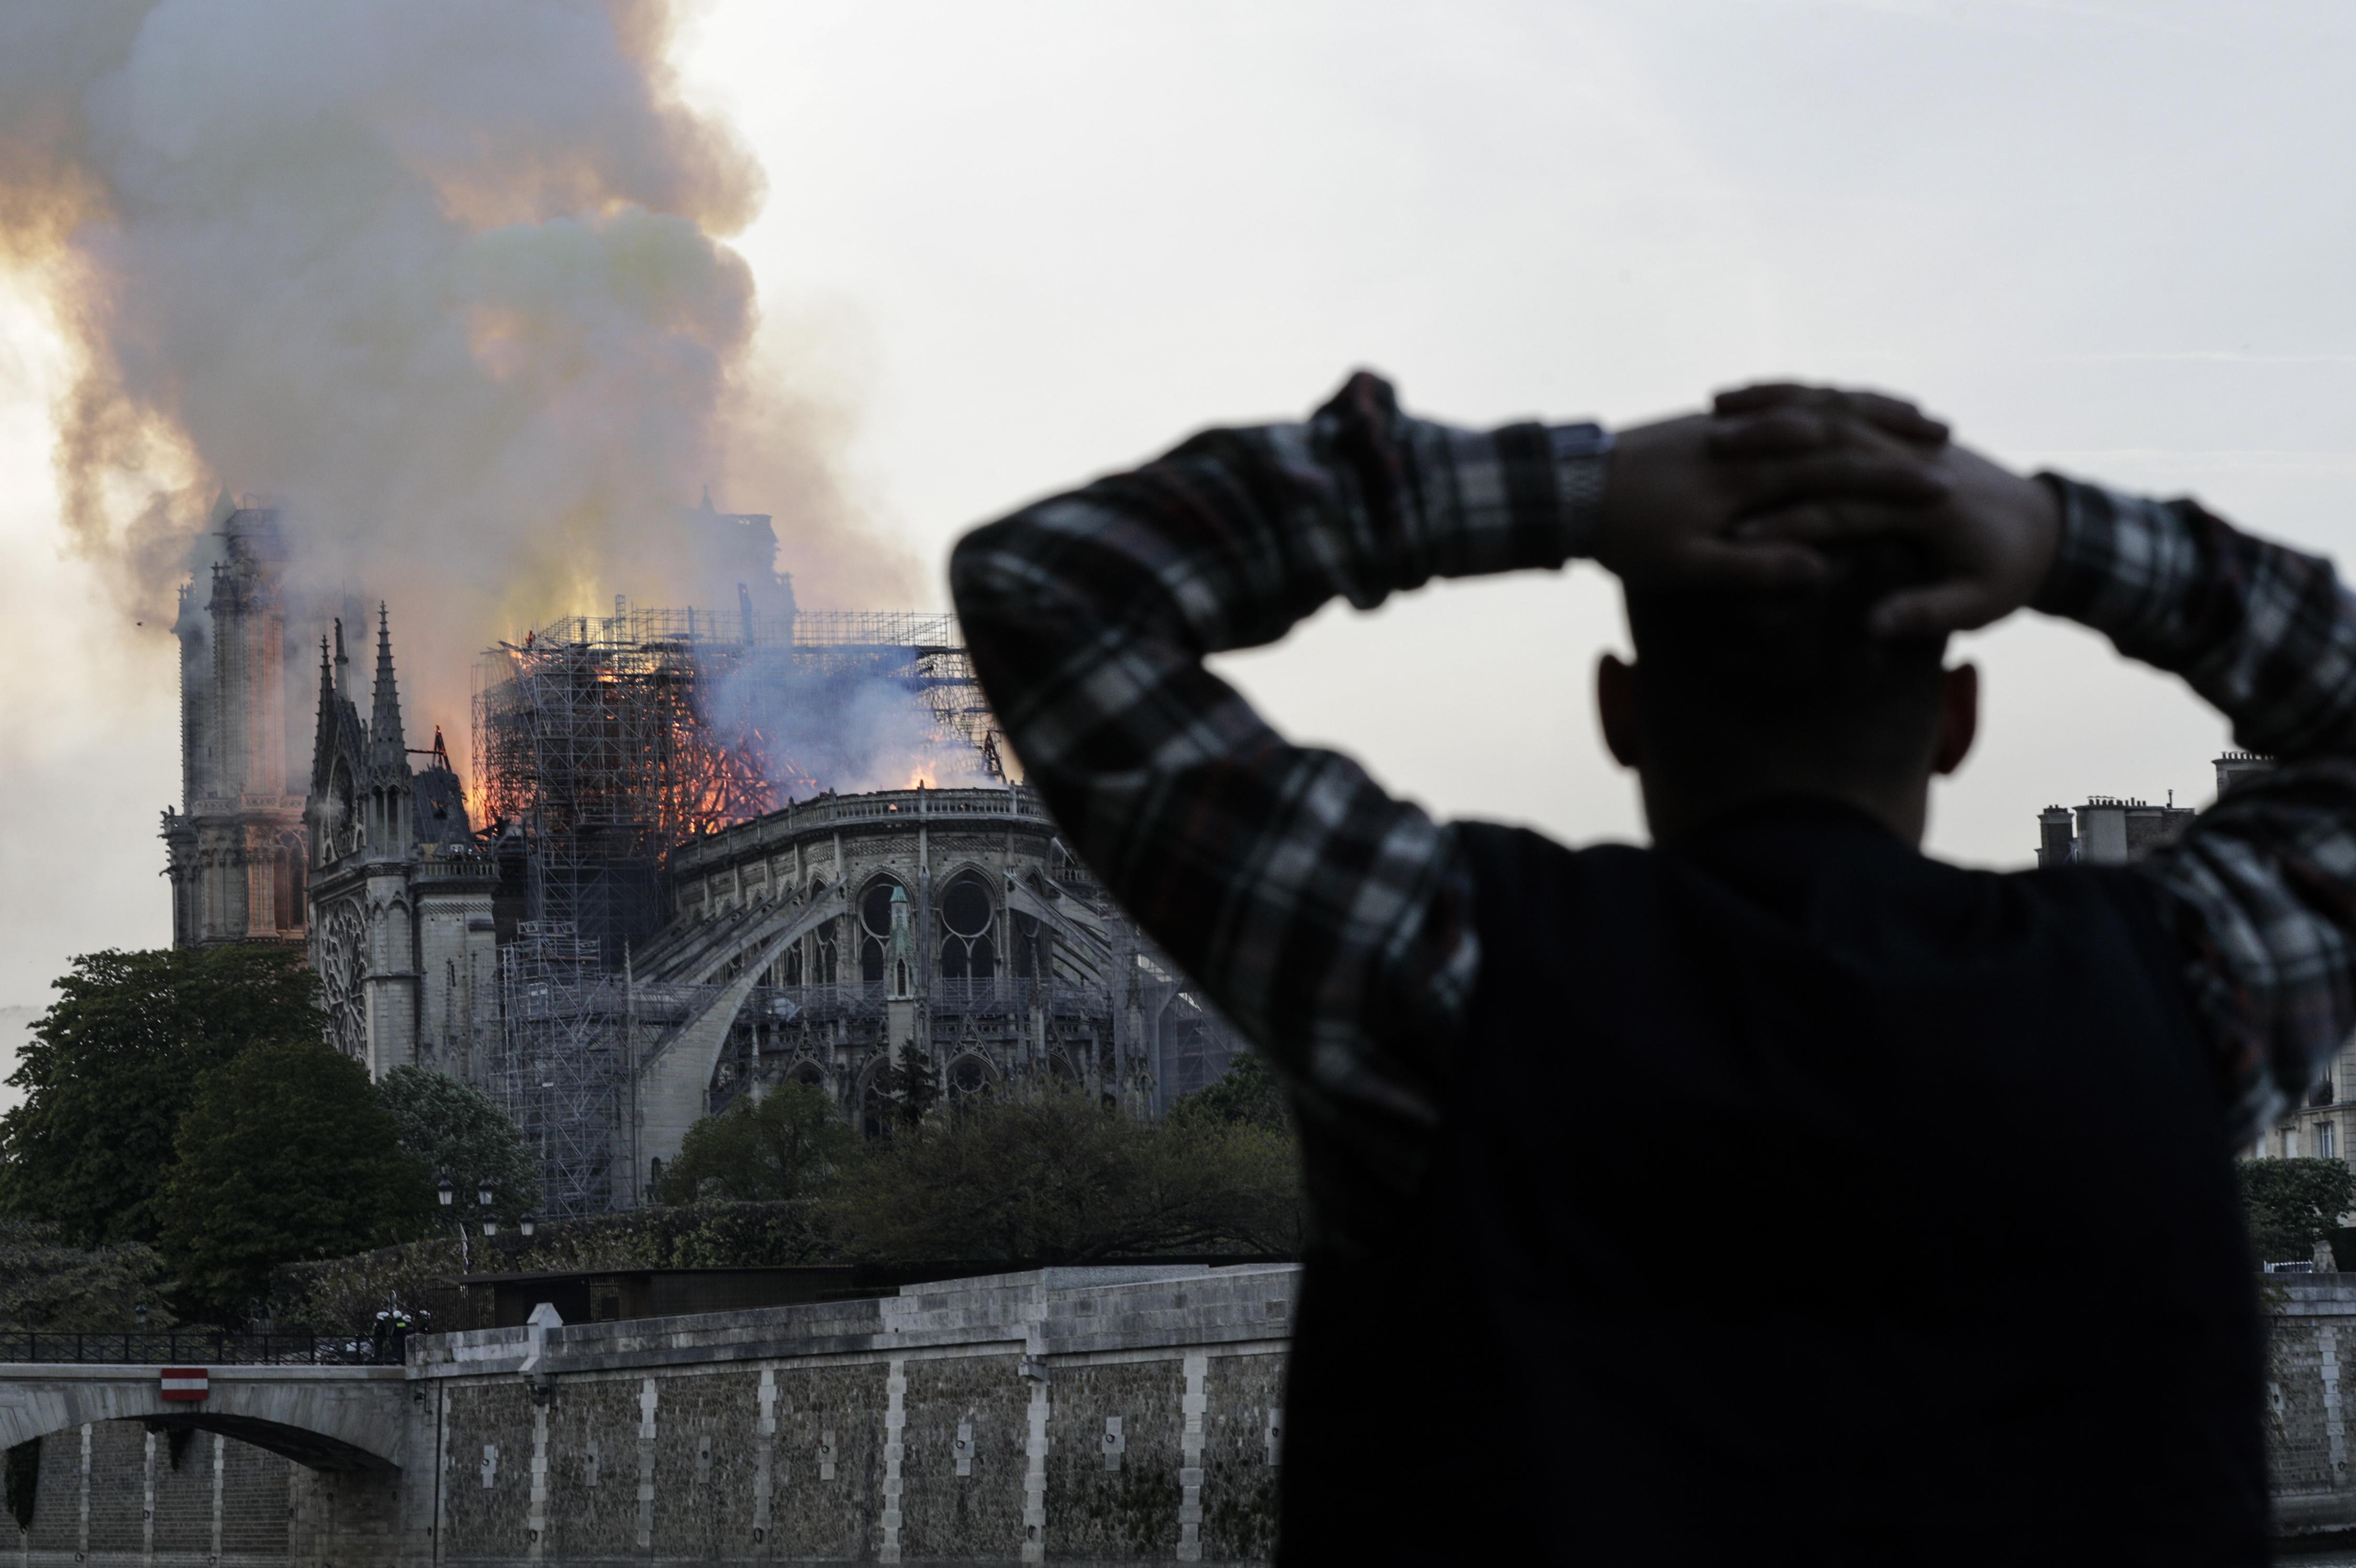 EN FOTOS: El mundo ve con espanto el incendio en la catedral de Notre Dame